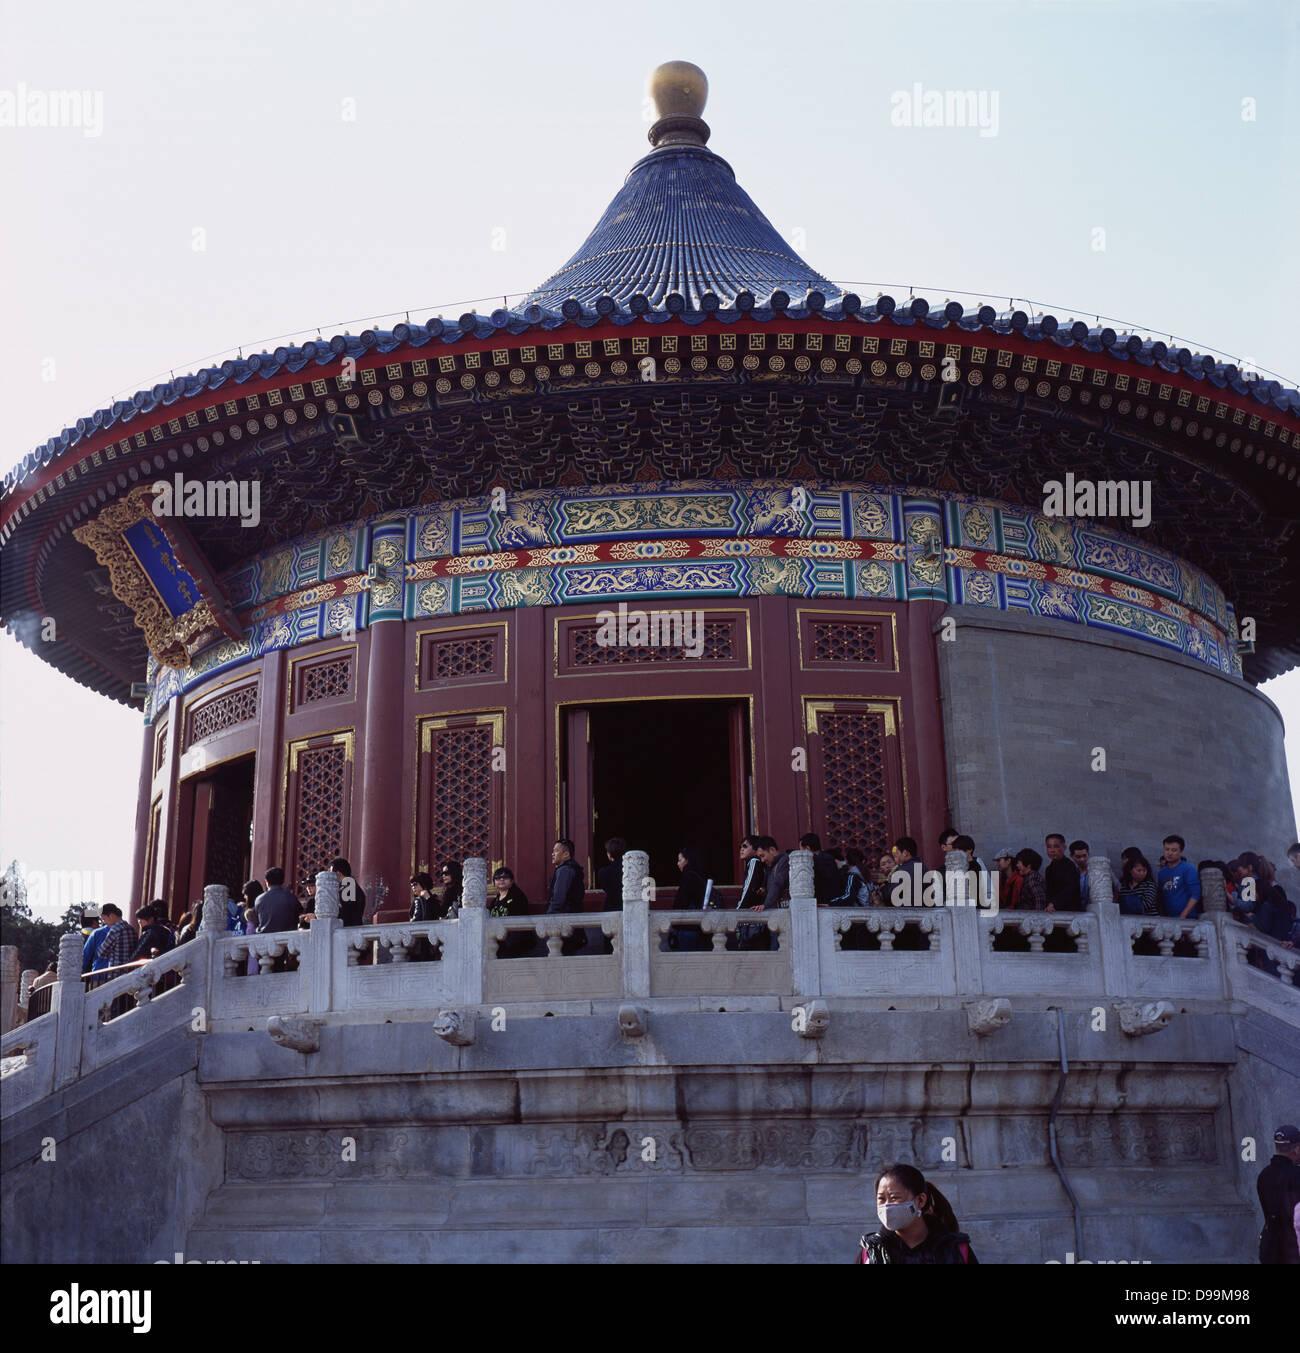 Hall de la voûte céleste impériale - Huangqiongyu, dans le Temple du Ciel. Beijing, Chine. 2013 Photo Stock